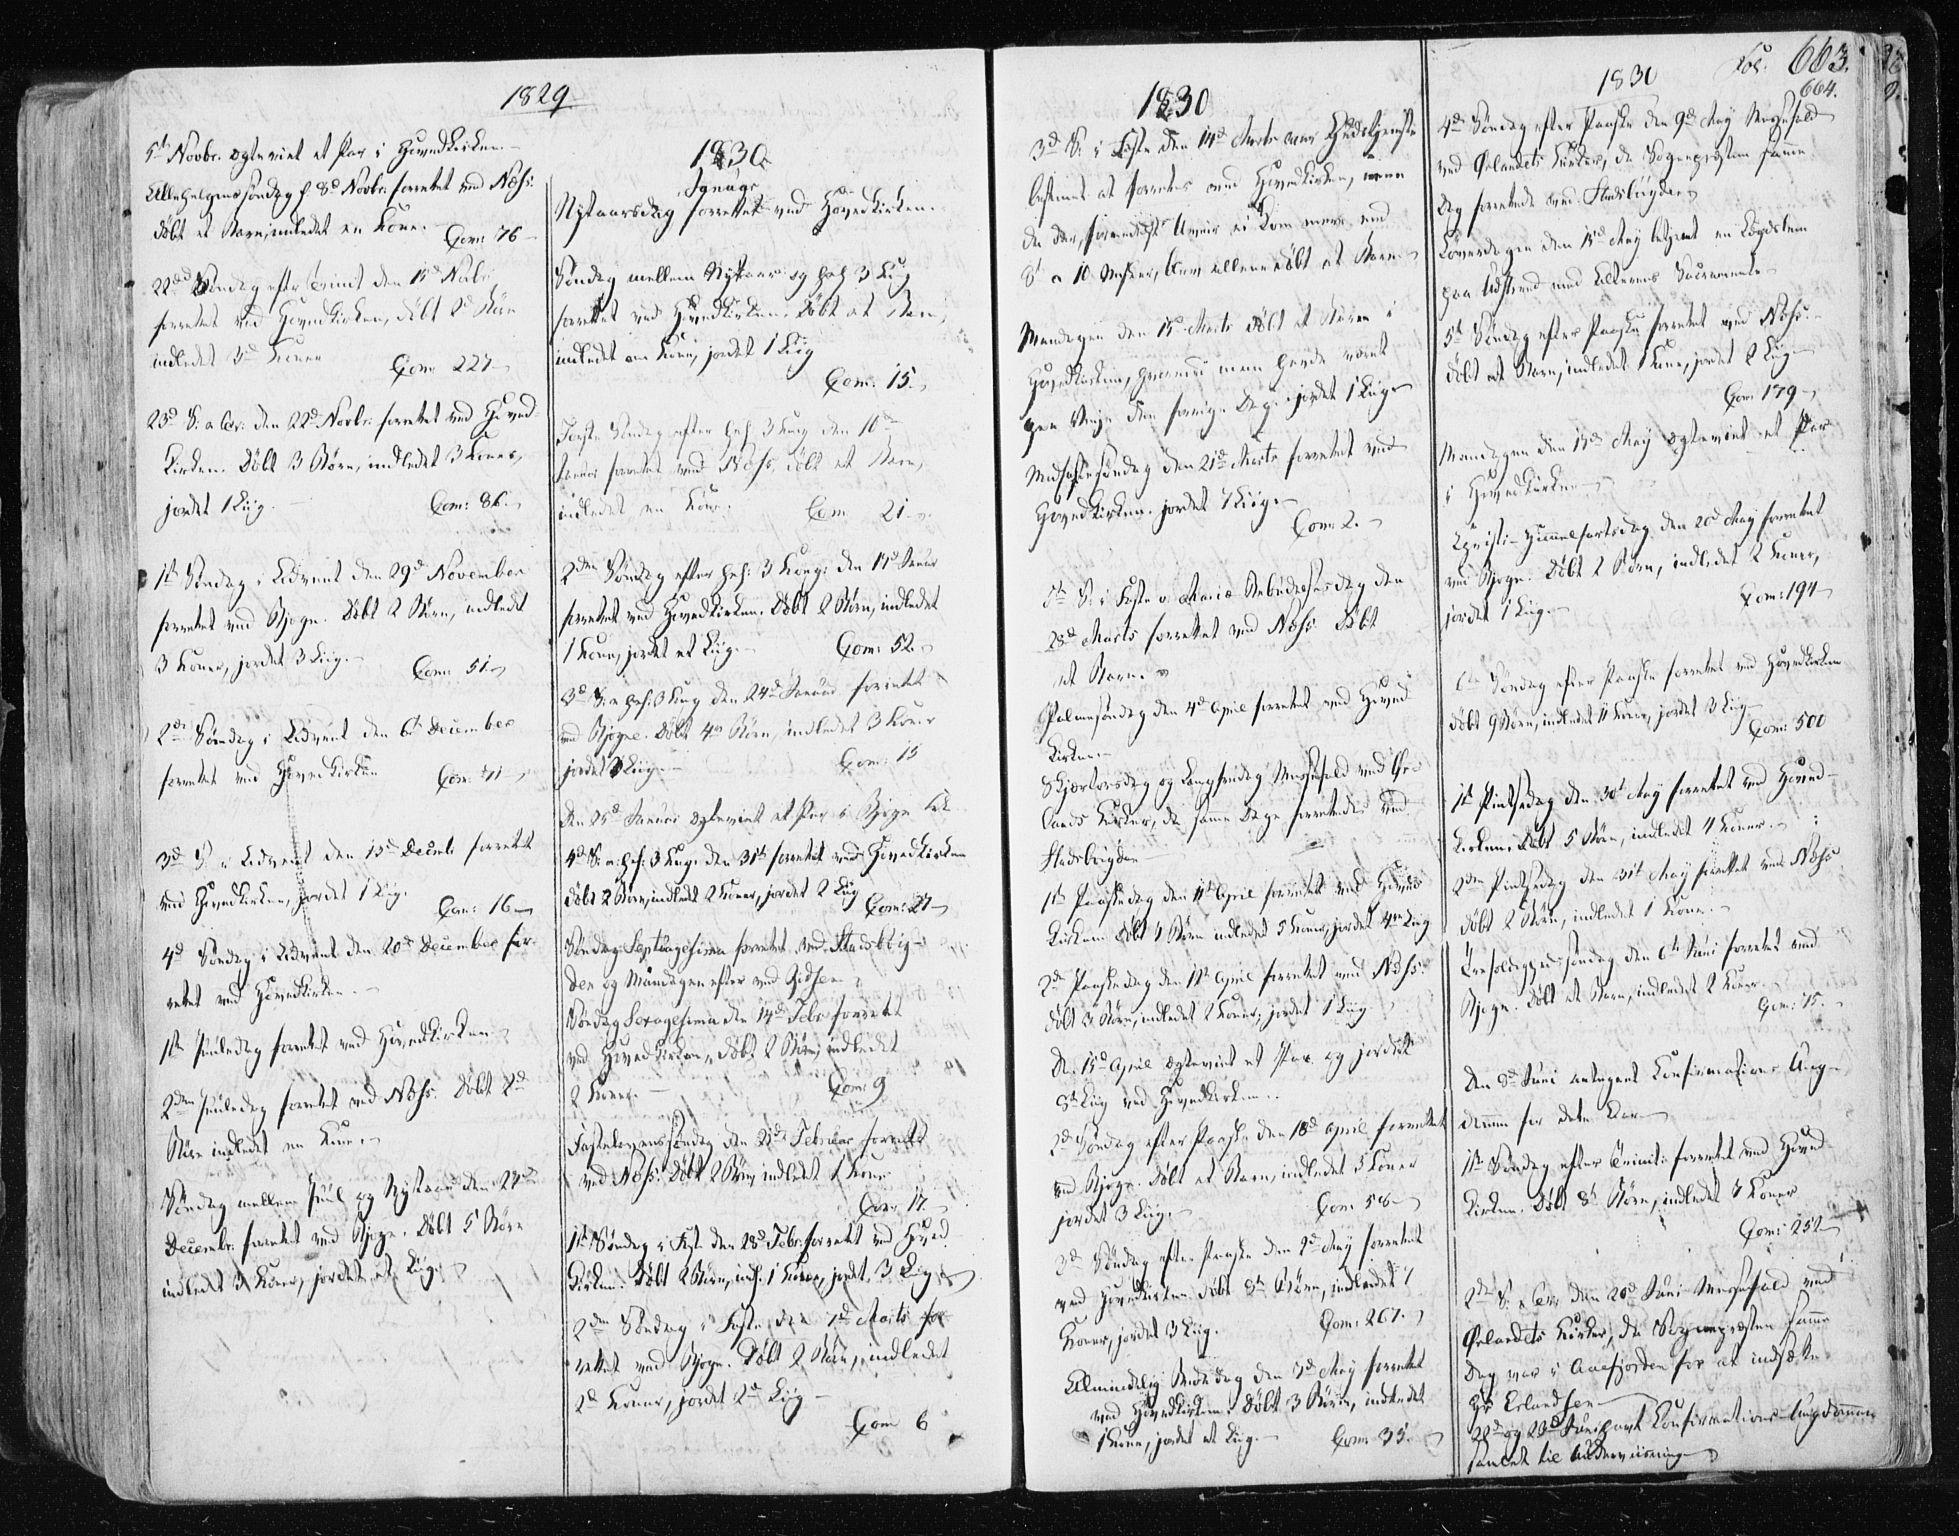 SAT, Ministerialprotokoller, klokkerbøker og fødselsregistre - Sør-Trøndelag, 659/L0735: Ministerialbok nr. 659A05, 1826-1841, s. 663